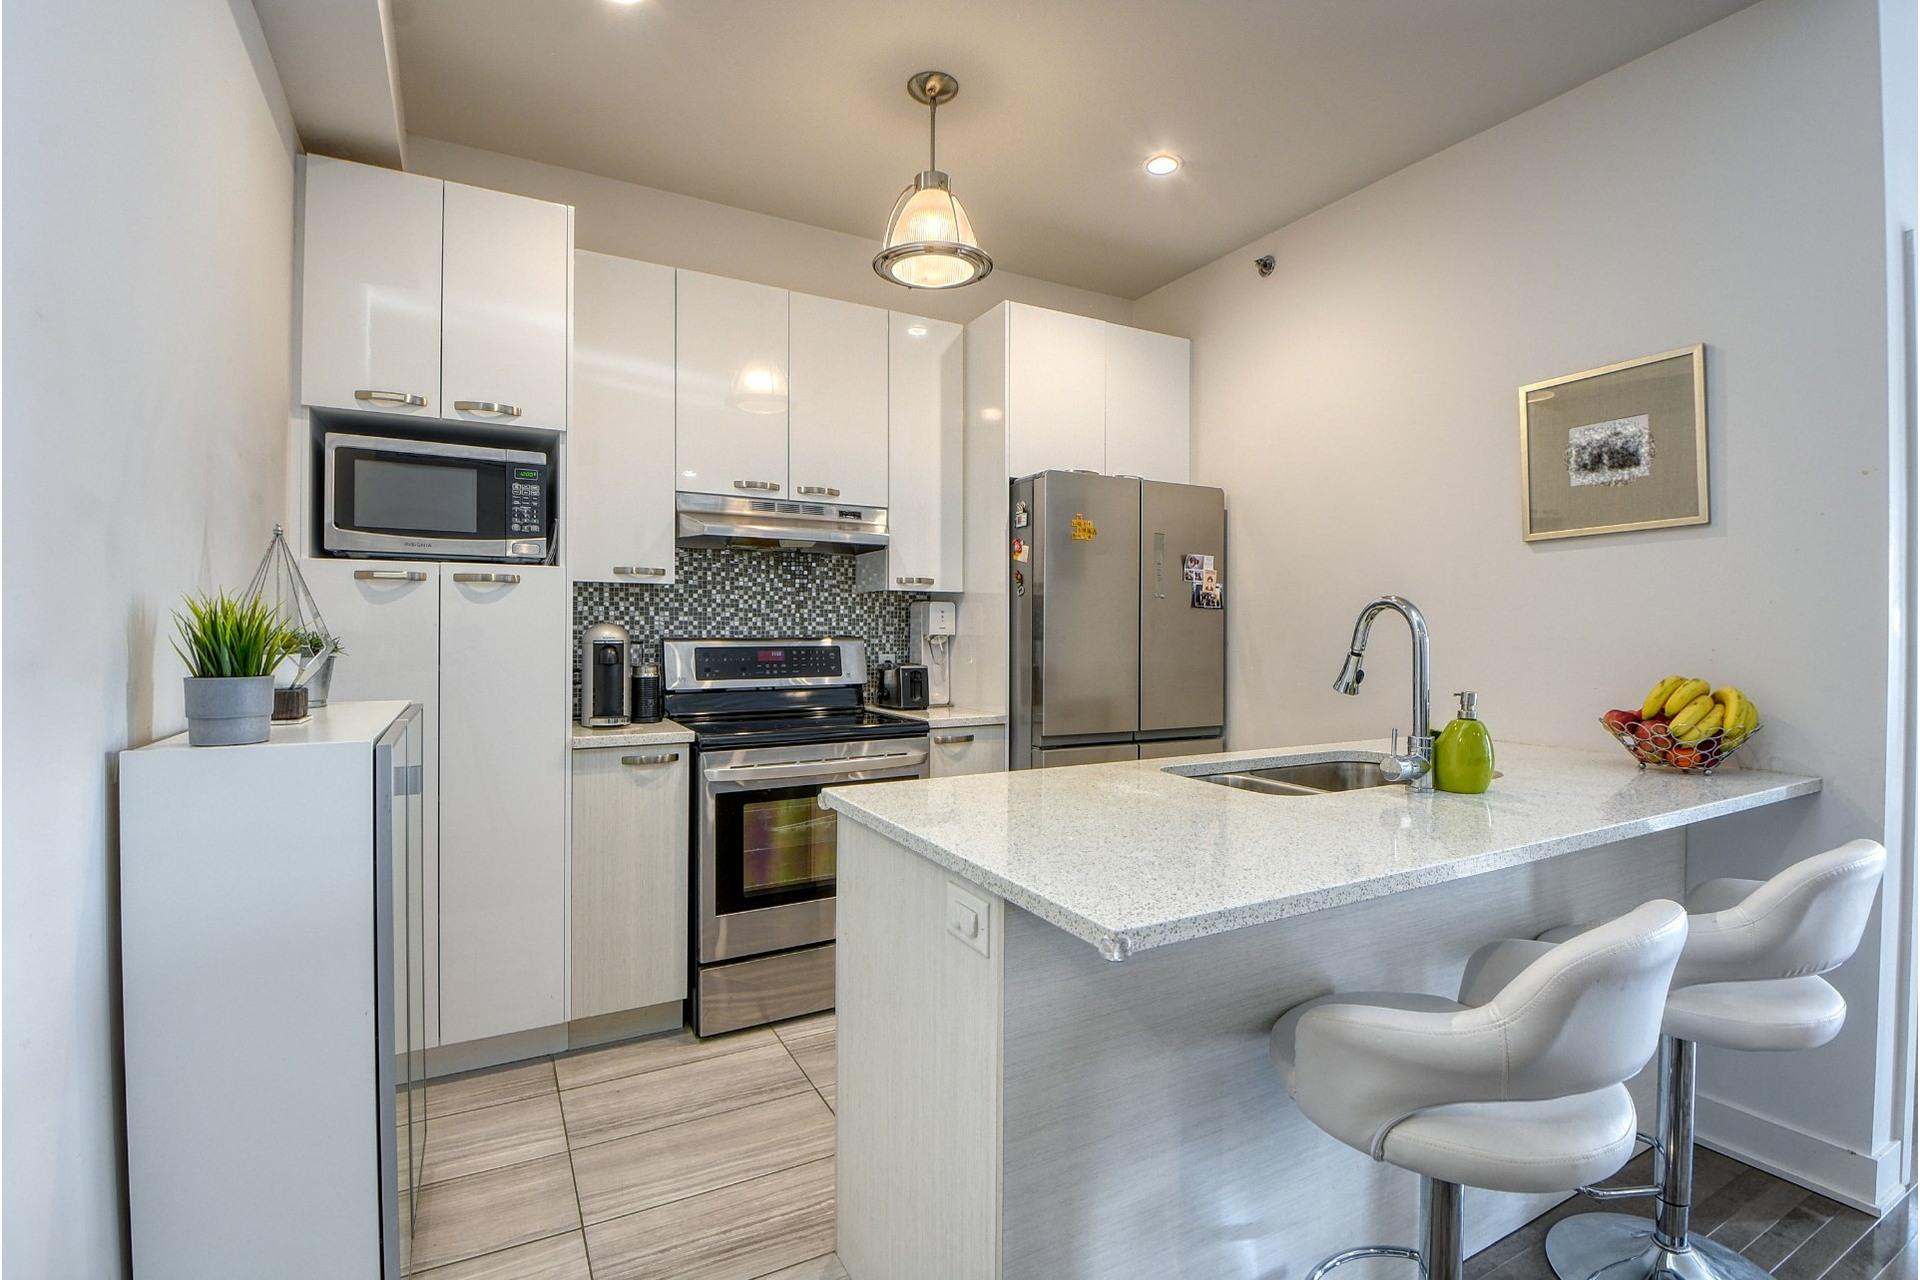 image 8 - Appartement À vendre Le Sud-Ouest Montréal  - 8 pièces